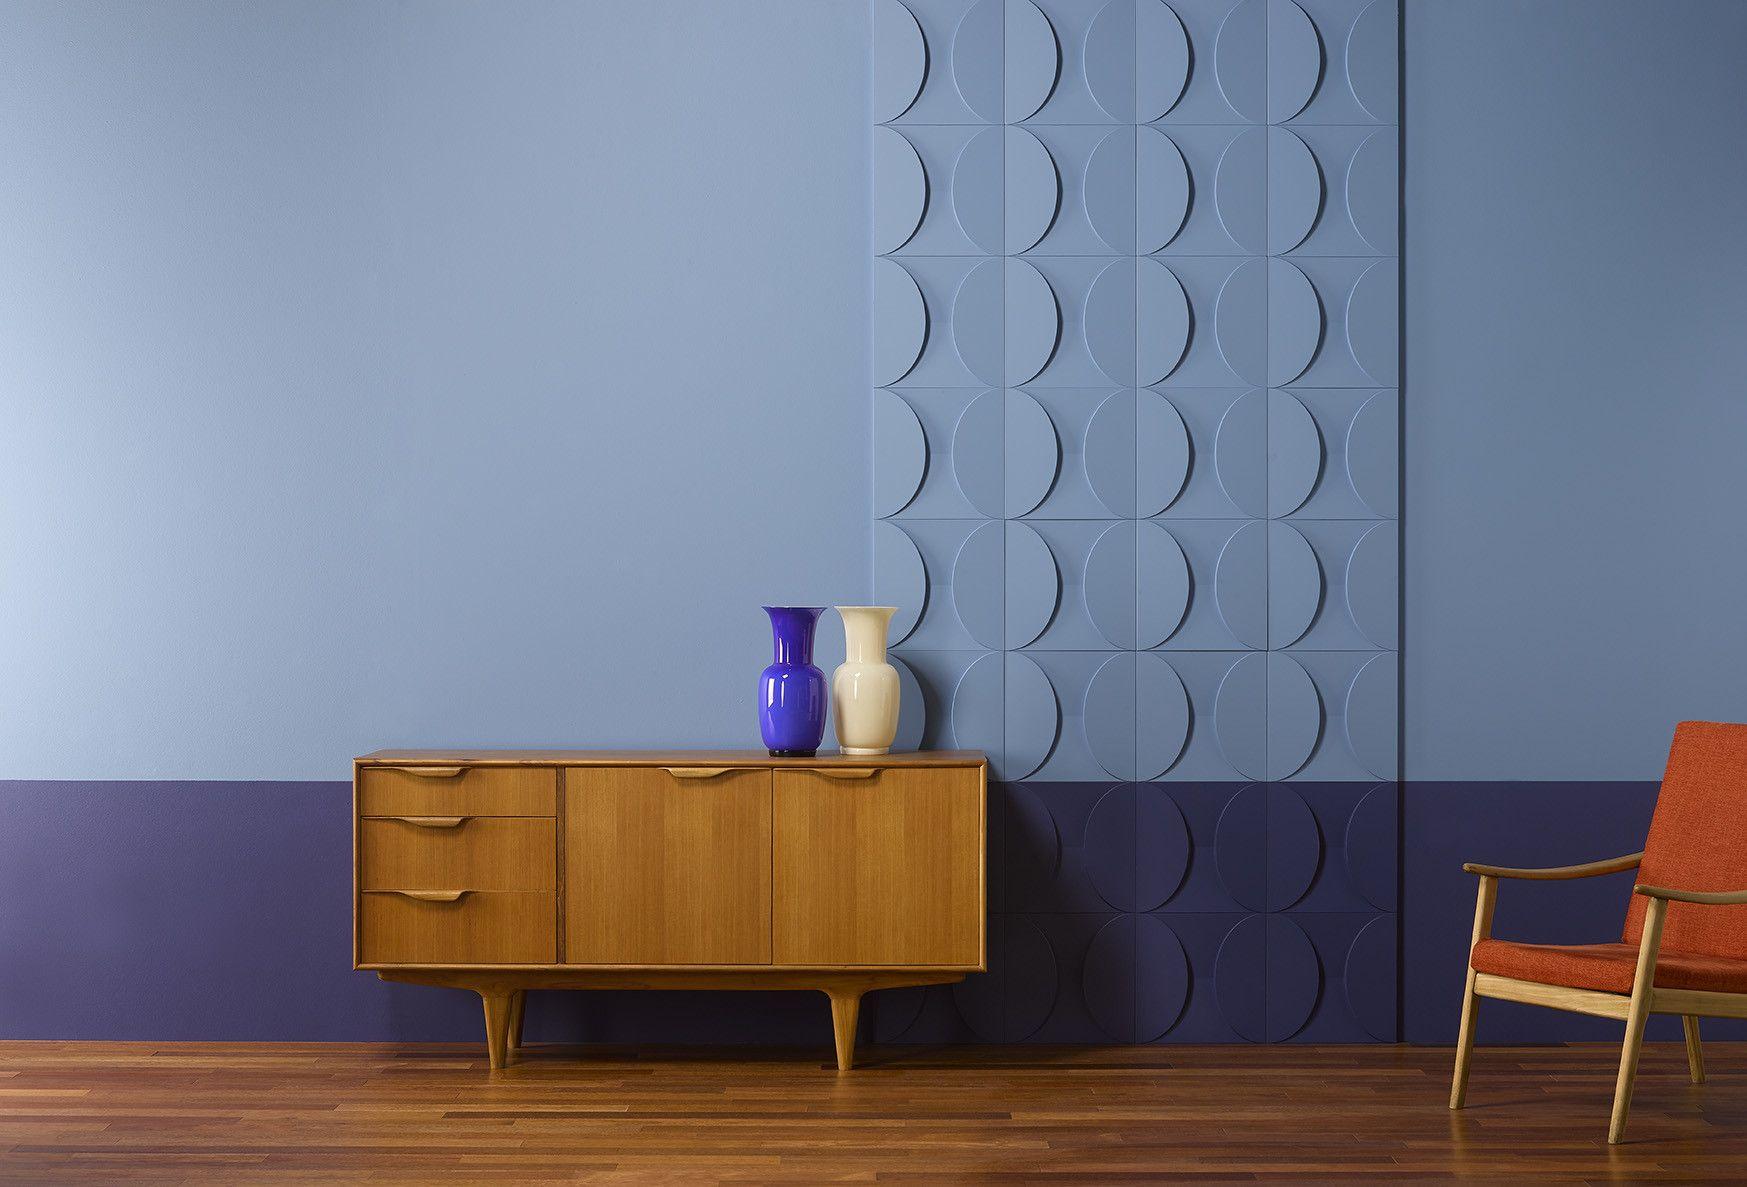 Wanddecoratie Voor Een Retro Look Muur Lambrisering Muur Panelen Gebogen Wanden